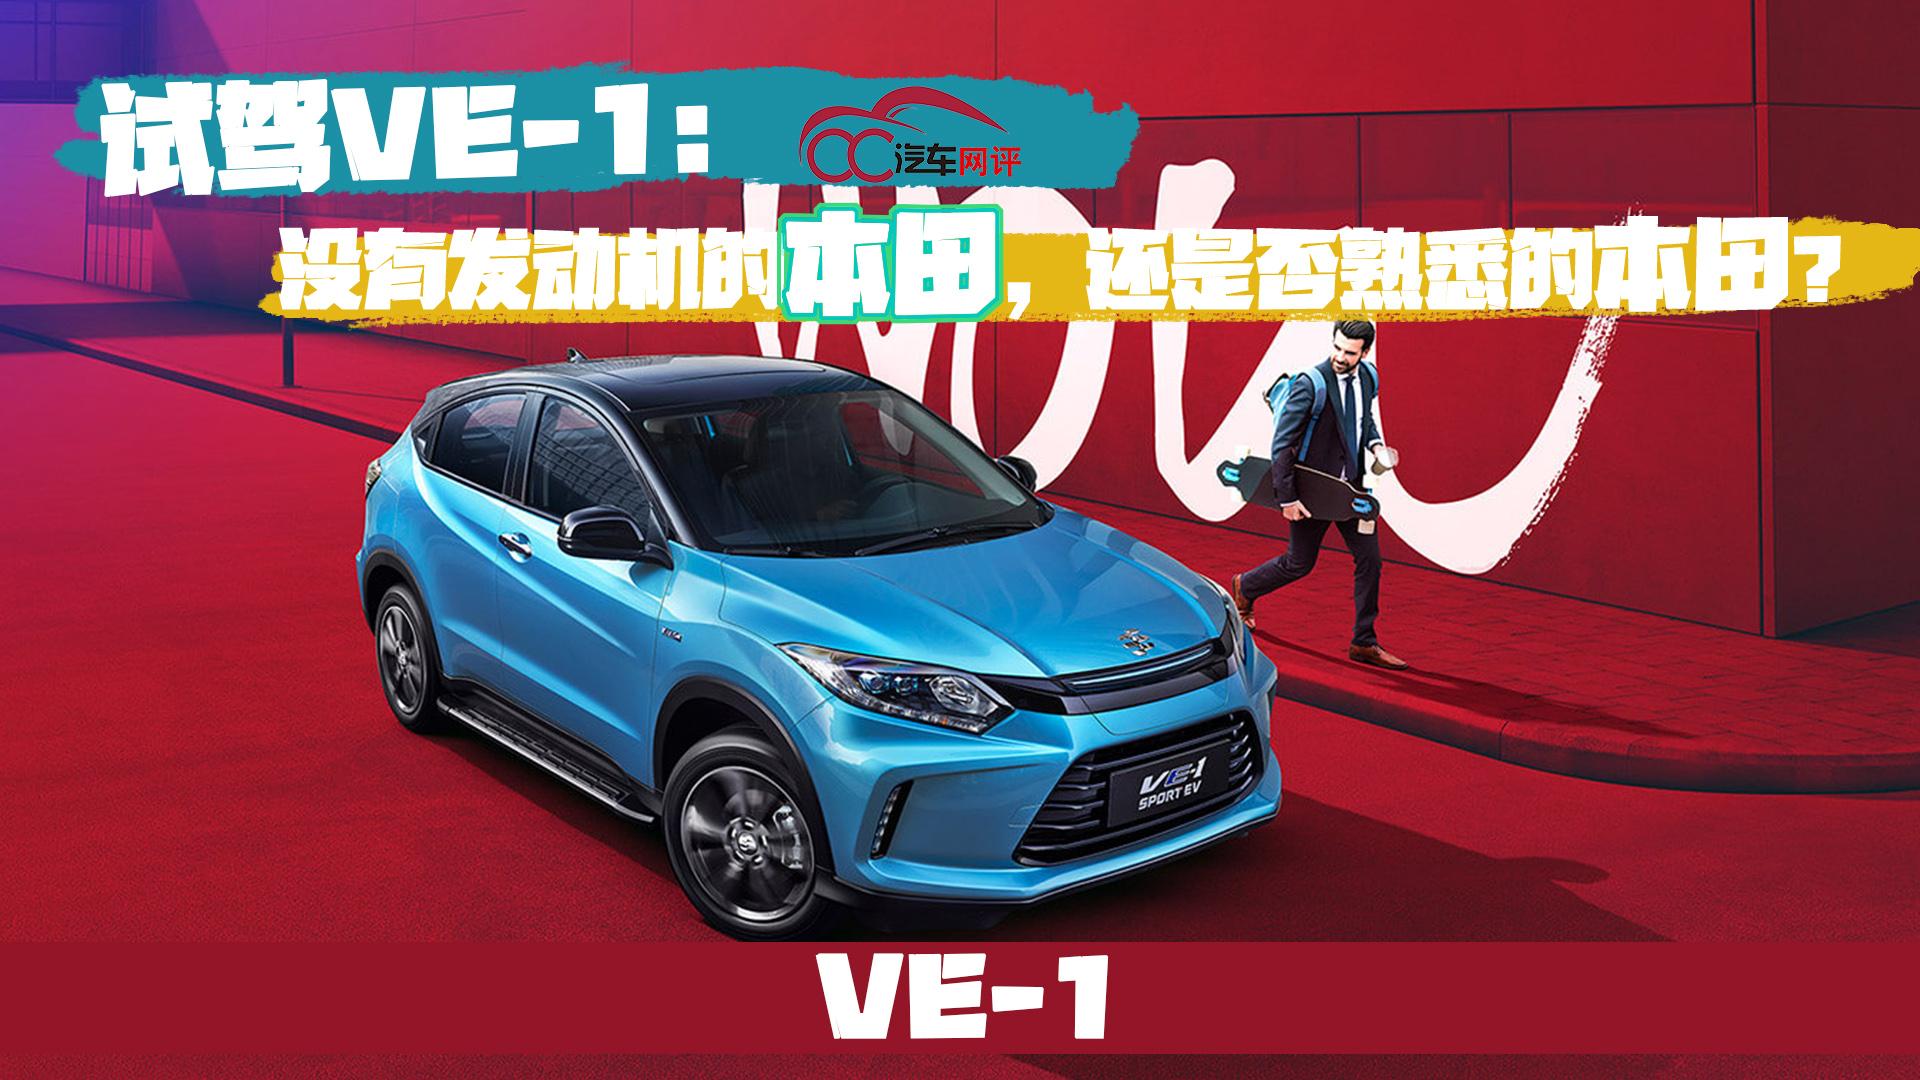 试驾VE-1:没有发动机的本田,还是否熟悉的本田?